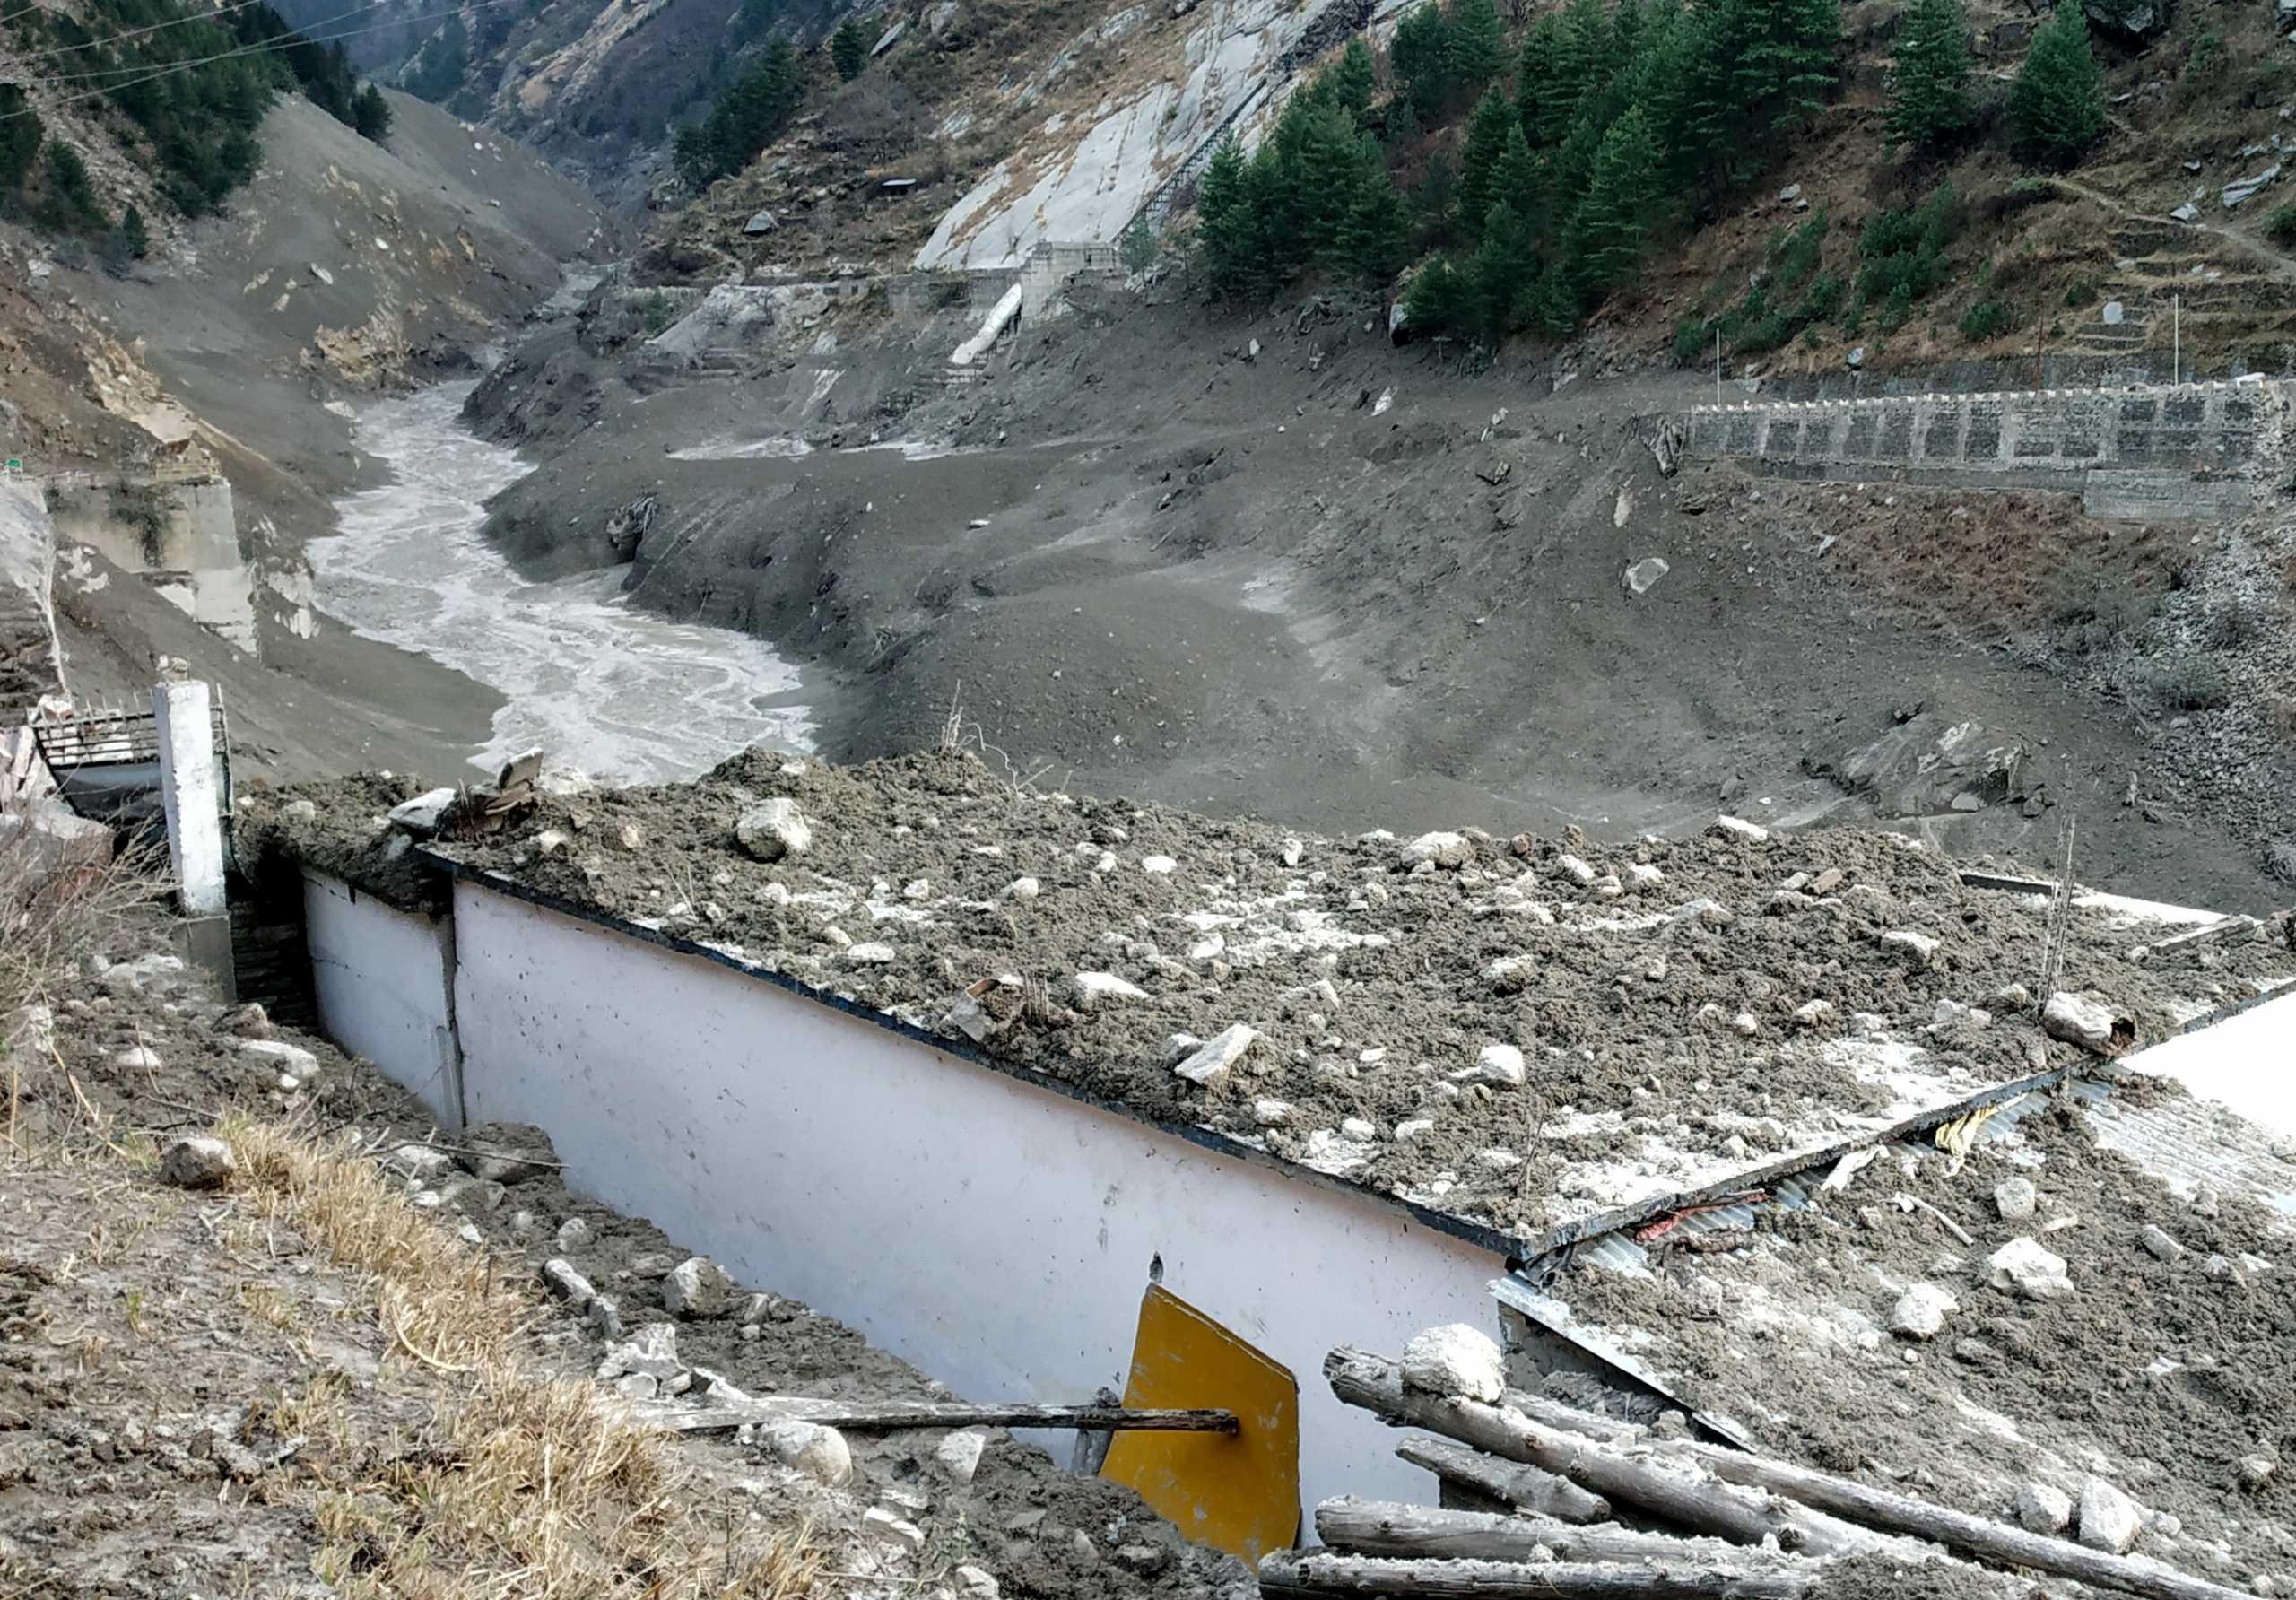 Ιμαλάια: 7 νεκροί και 125 αγνοούμενοι από την κατάρρευση του παγετού